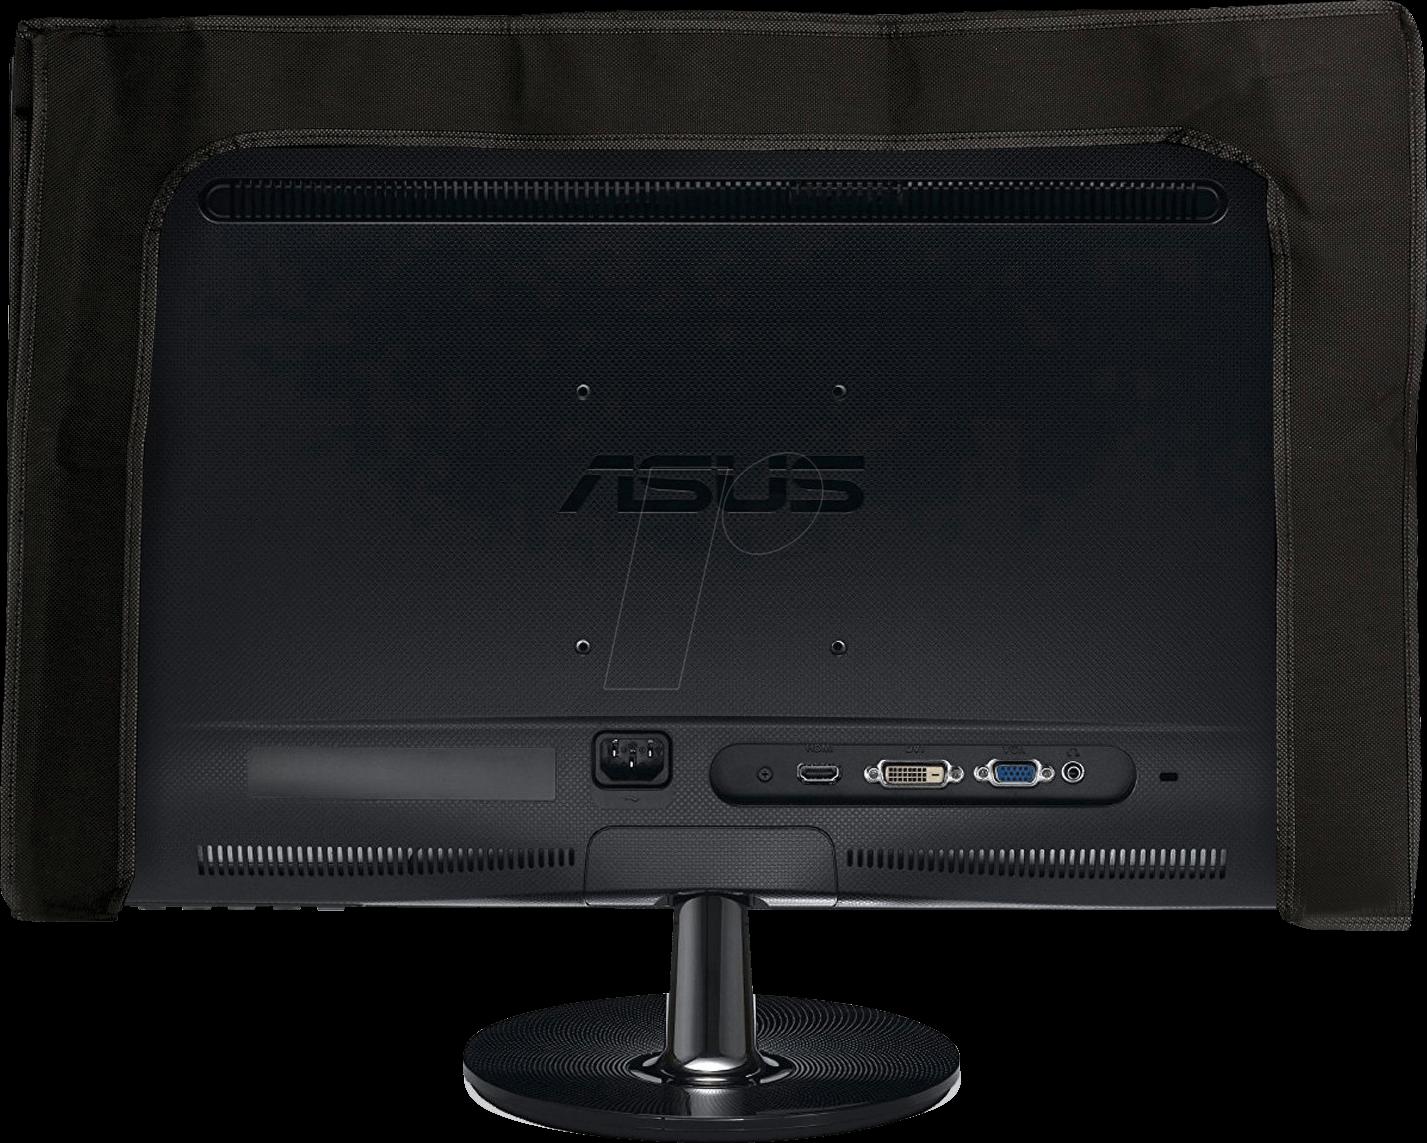 Kw 4361801 Bildschirm Schutzhülle 24 26 Monitor Schwarz Weiß